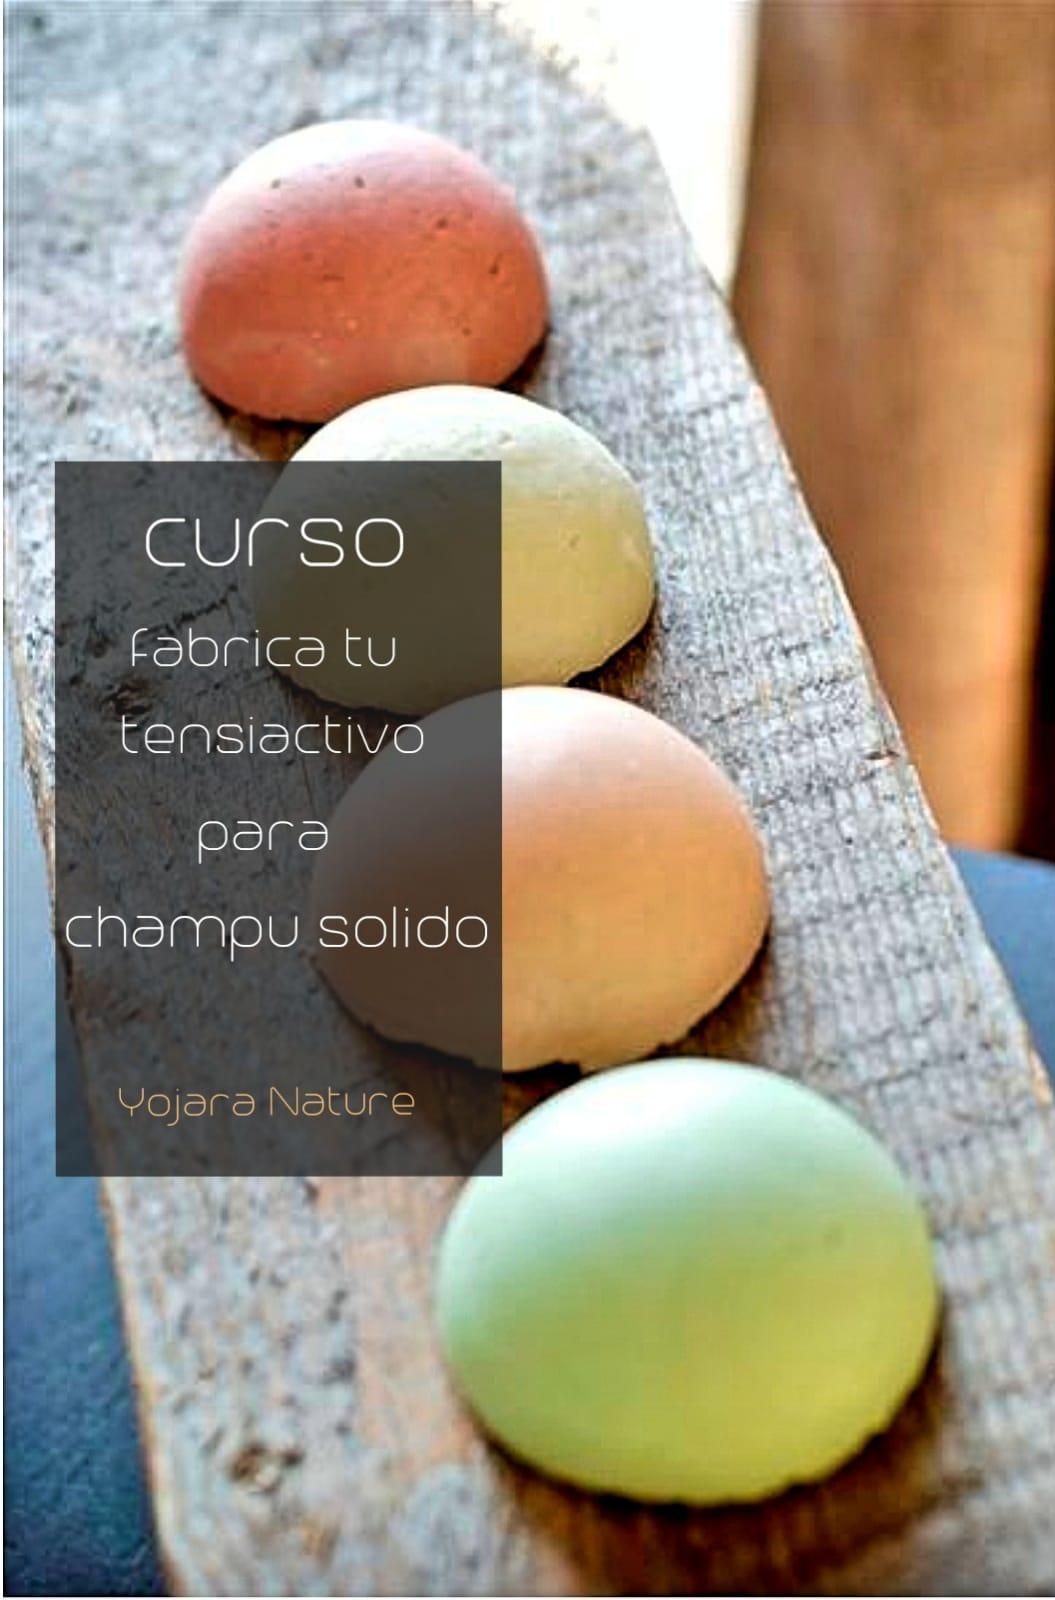 Curso cosmetica natural, Curso fabricacion tensioactivos